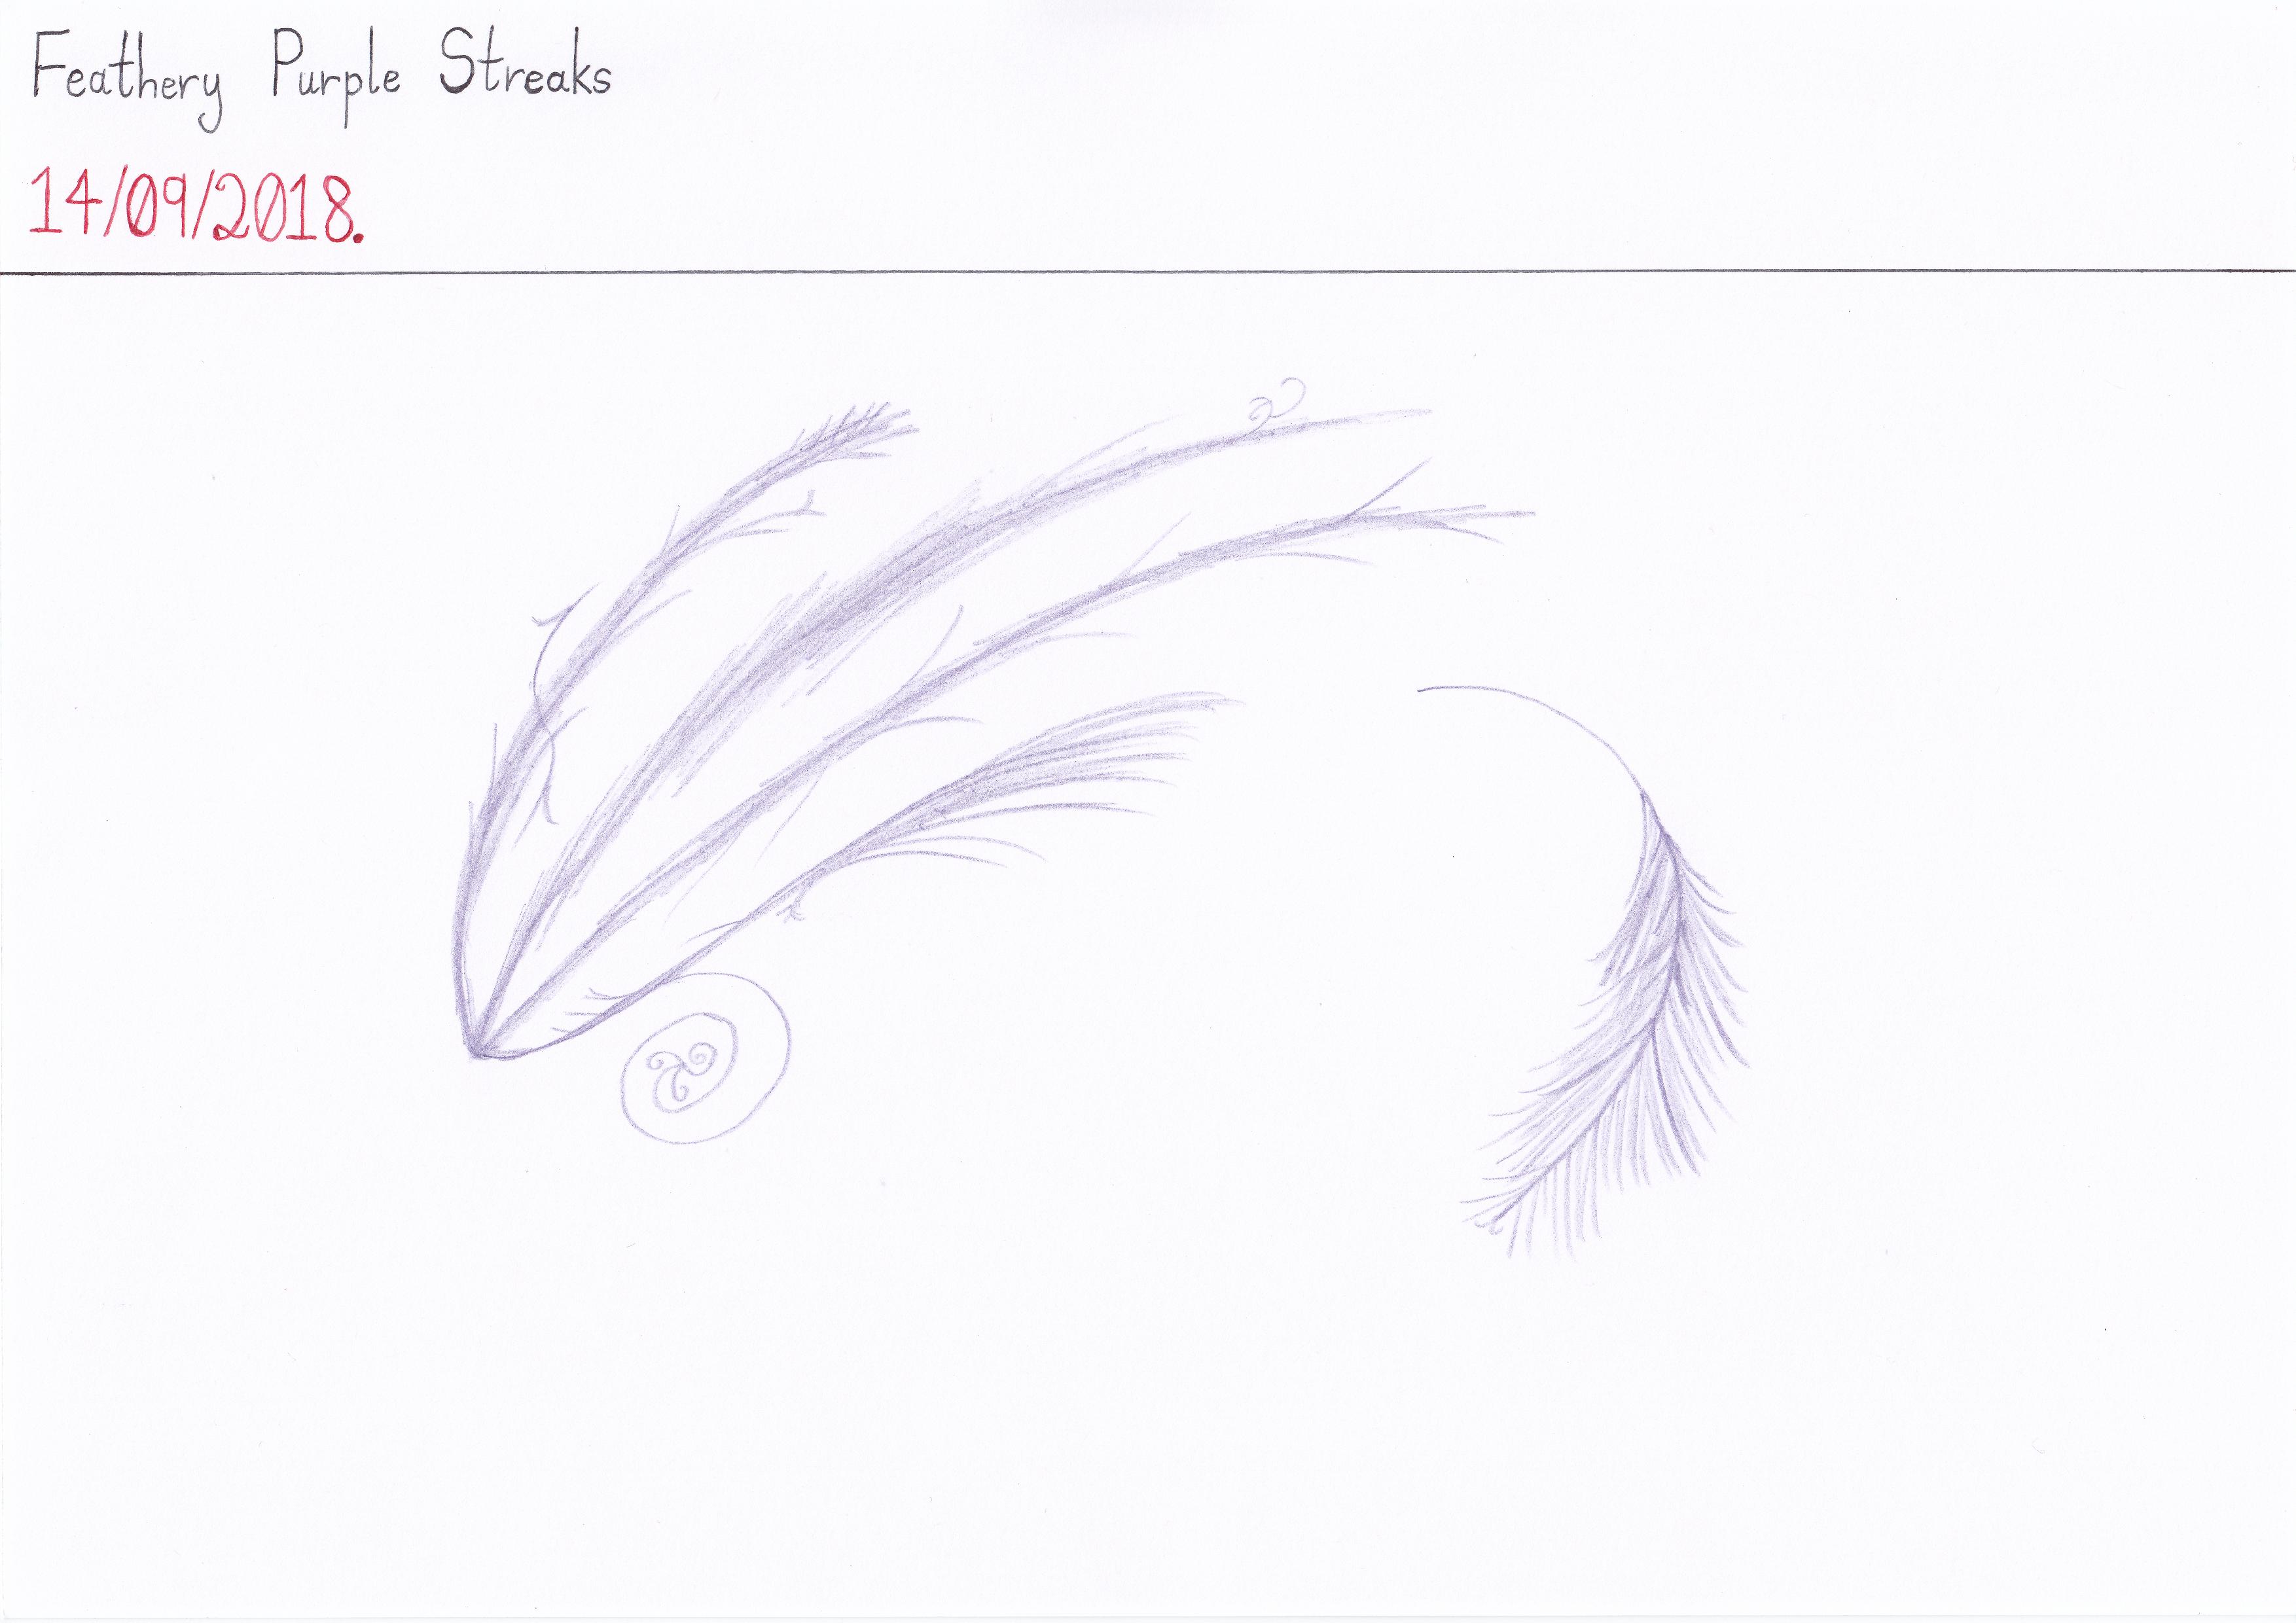 Art #84 -- Feathery Purple Streaks